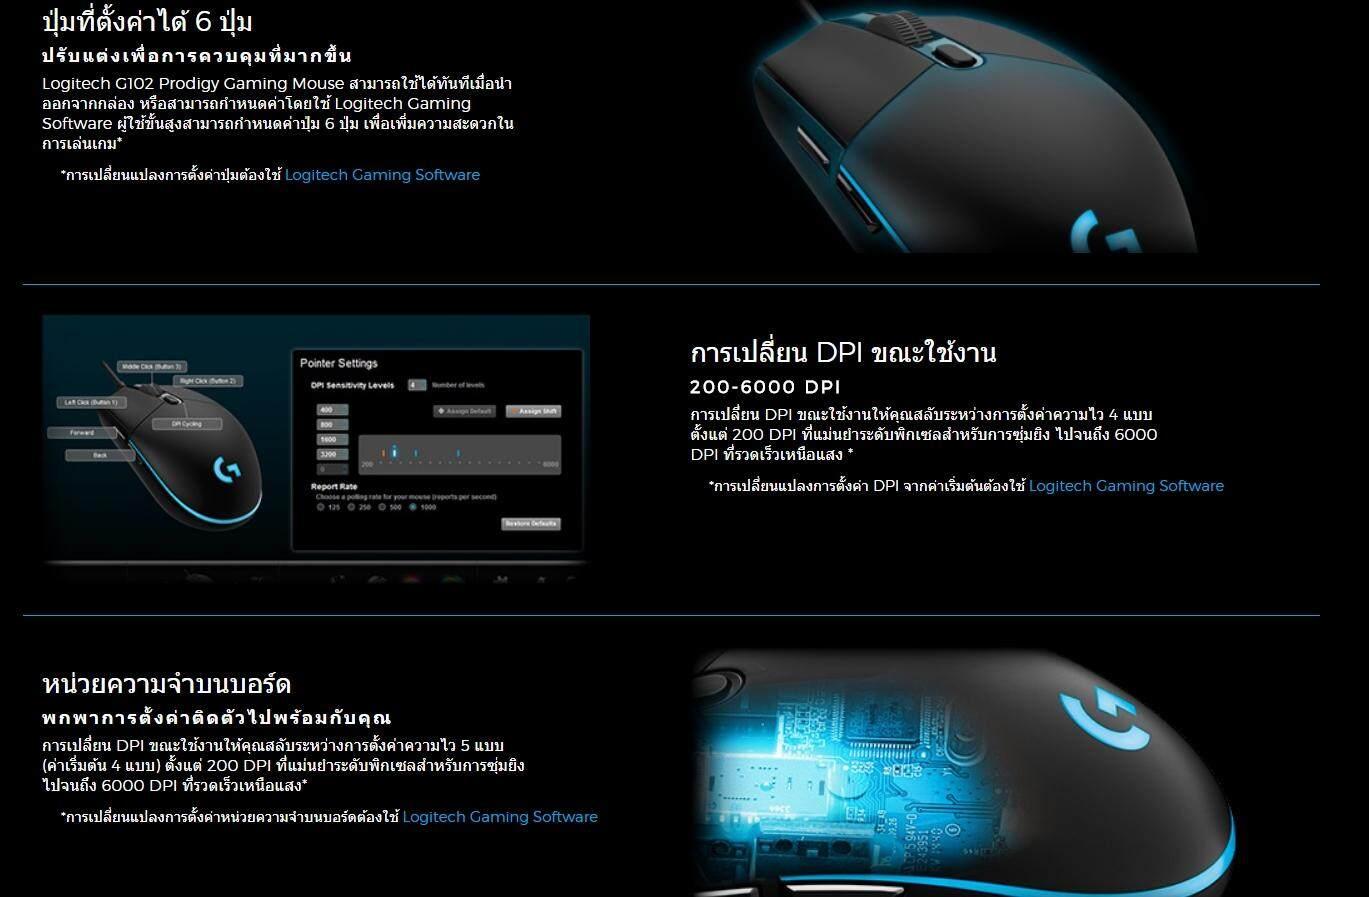 Logiitech G102 Prodigy Gaming Mouse 6000 Dpi Hitam Update Daftar Garansi Resmi Logitech 2 Tahun